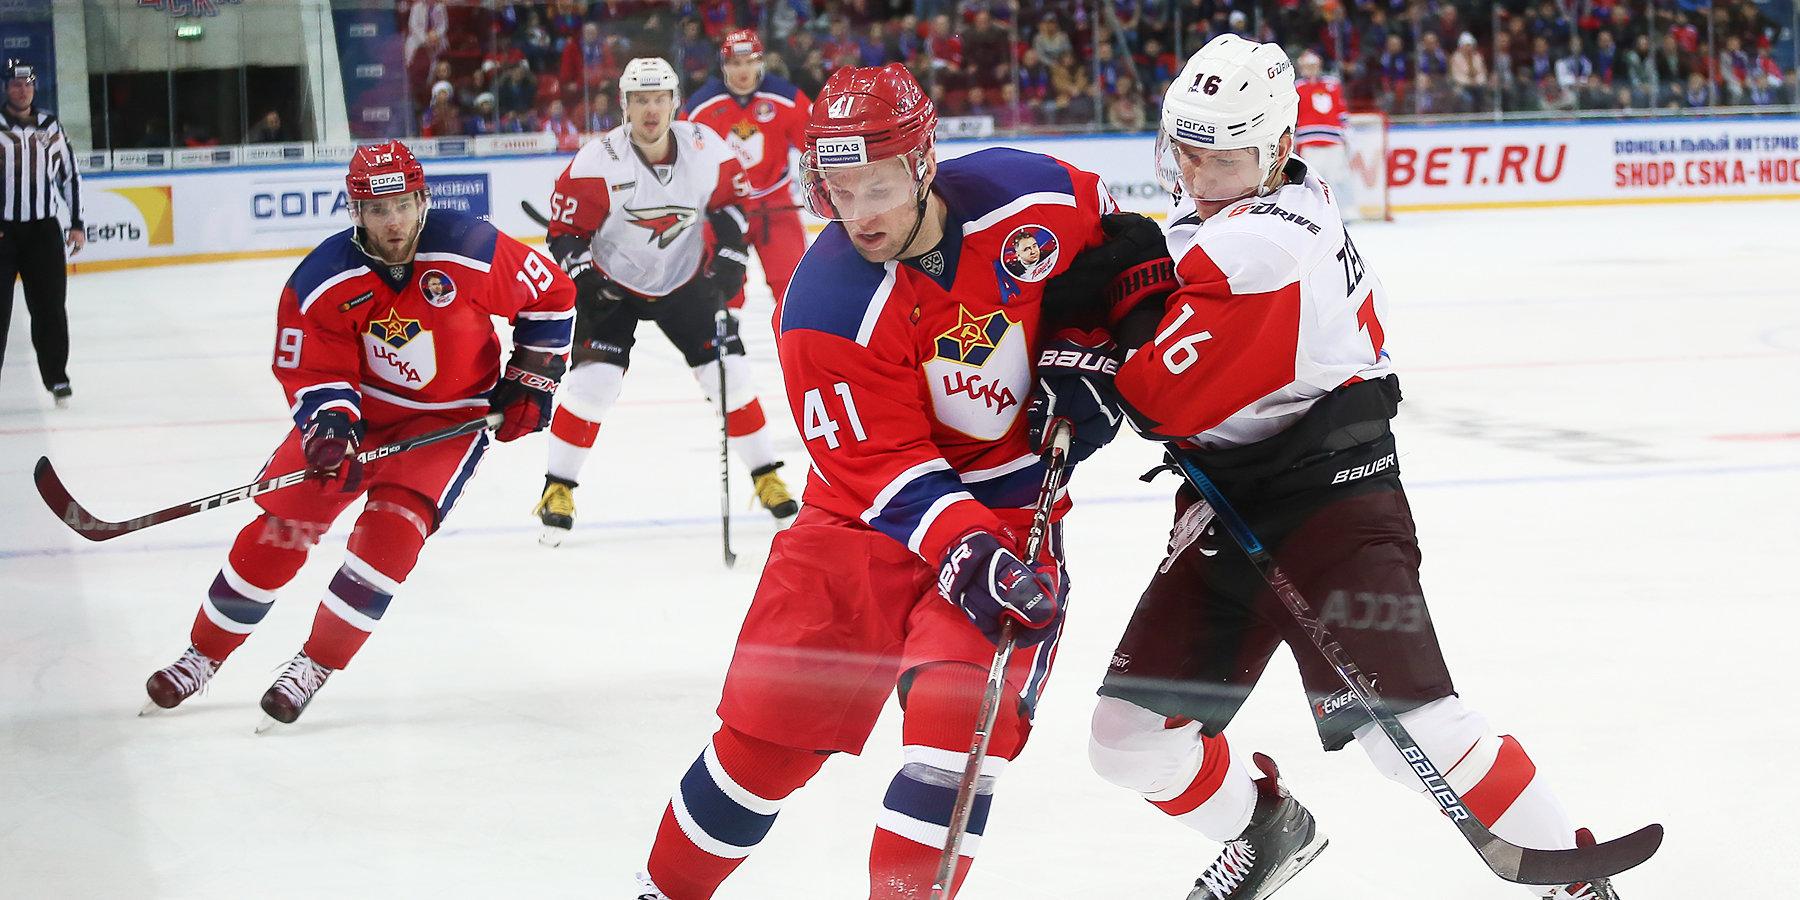 Четвертый финал на двоих. Есть ли у «Авангарда» шансы против ЦСКА?